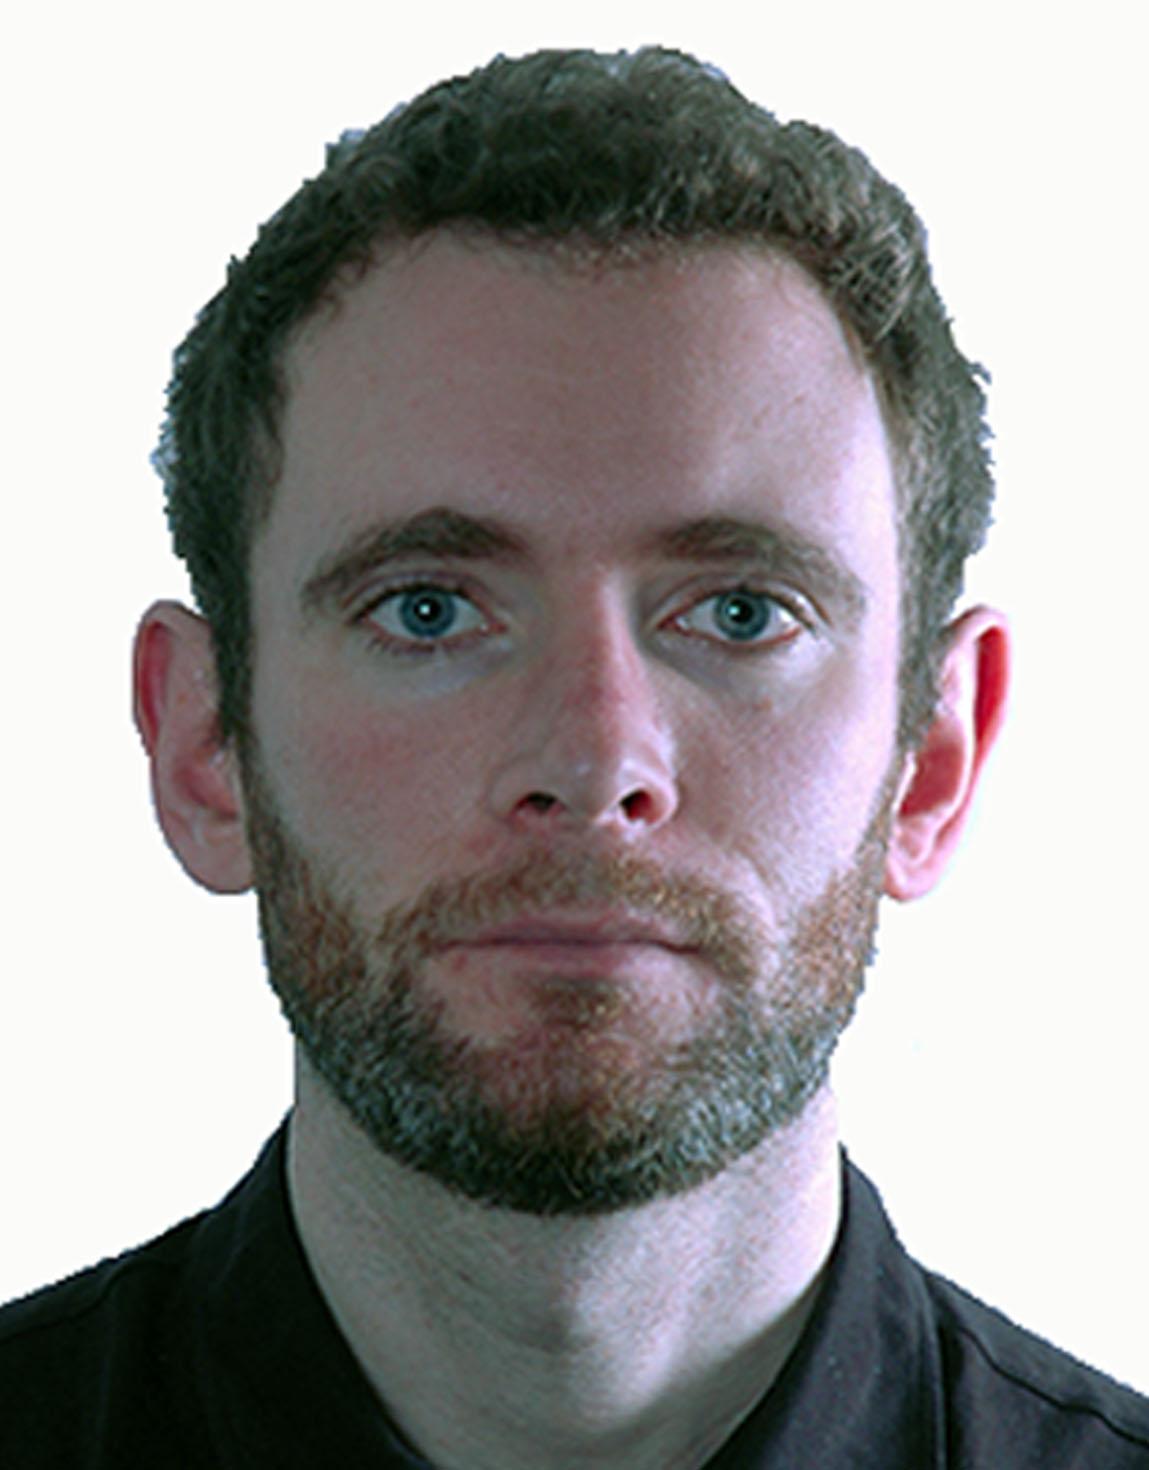 Daniel McNamee